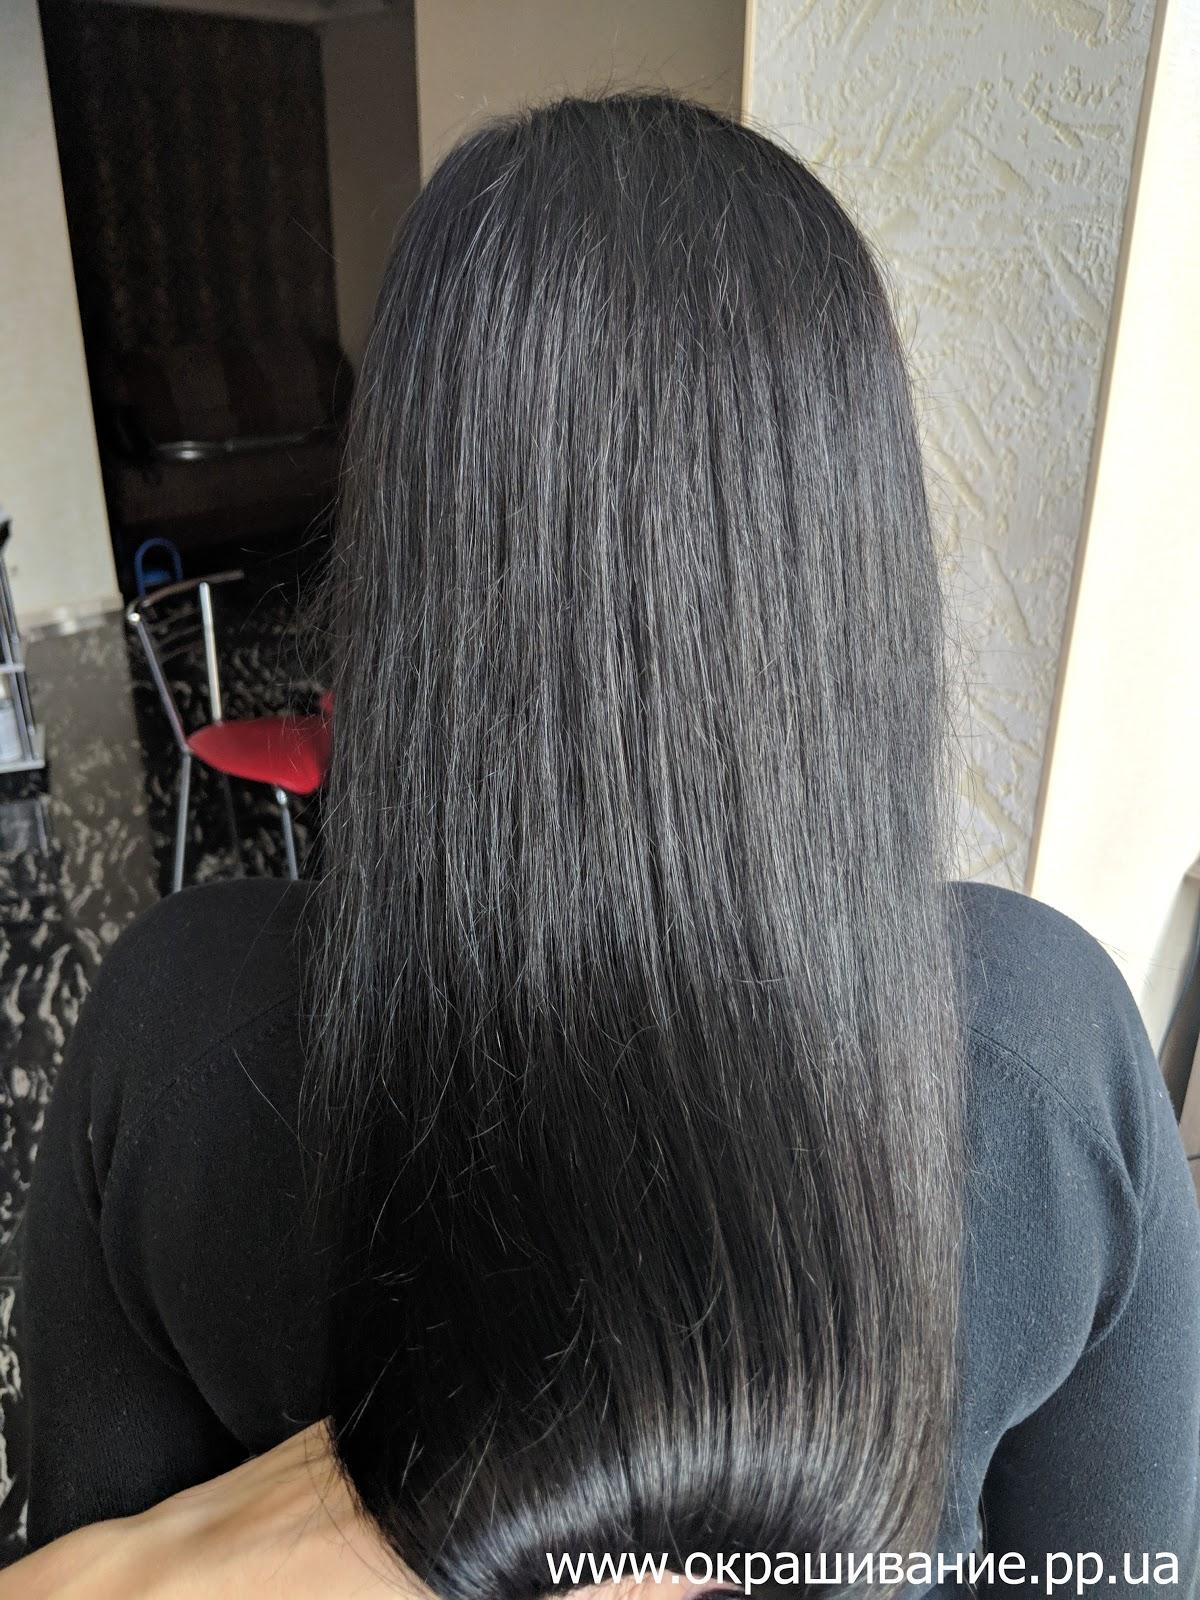 Цвет волос: холодный шатен